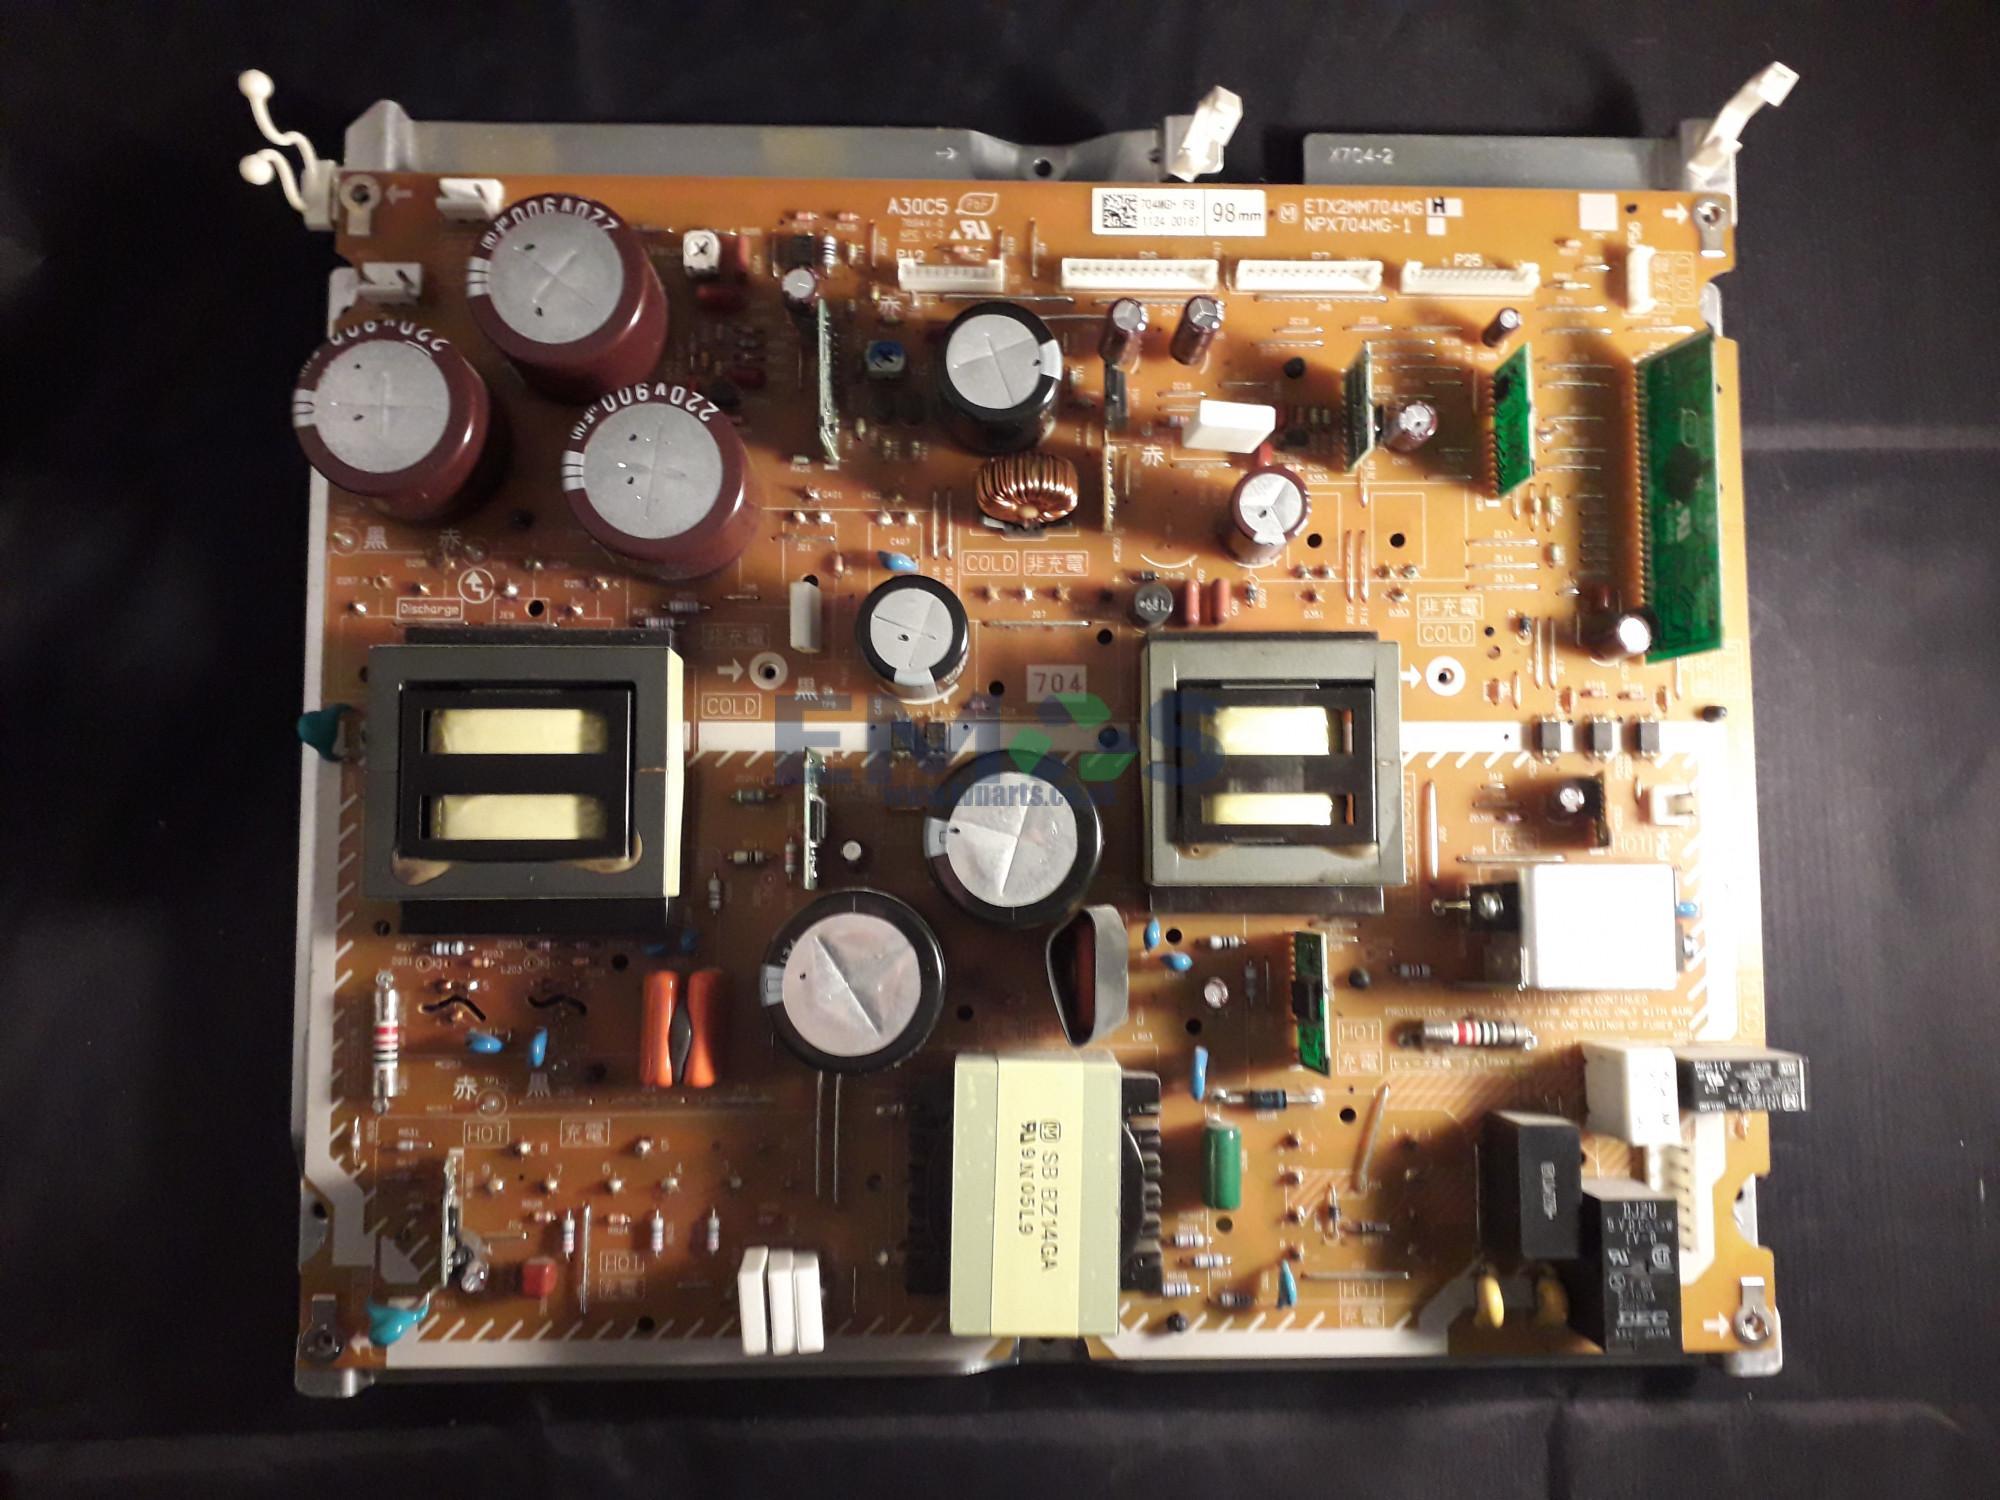 ETX2MM704MG H NPX704MG-1 PANASONIC TH-50PZ81B POWER SUPPLY